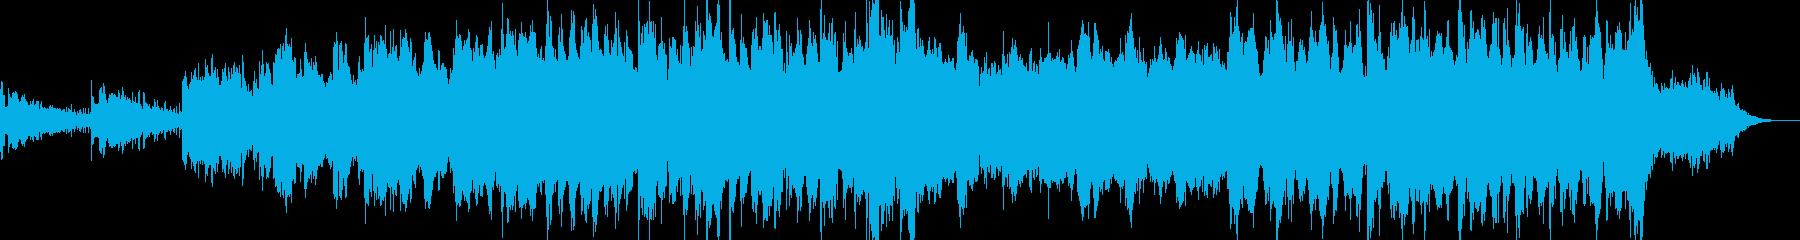 アンビエント環境音楽ヒーリング-03の再生済みの波形